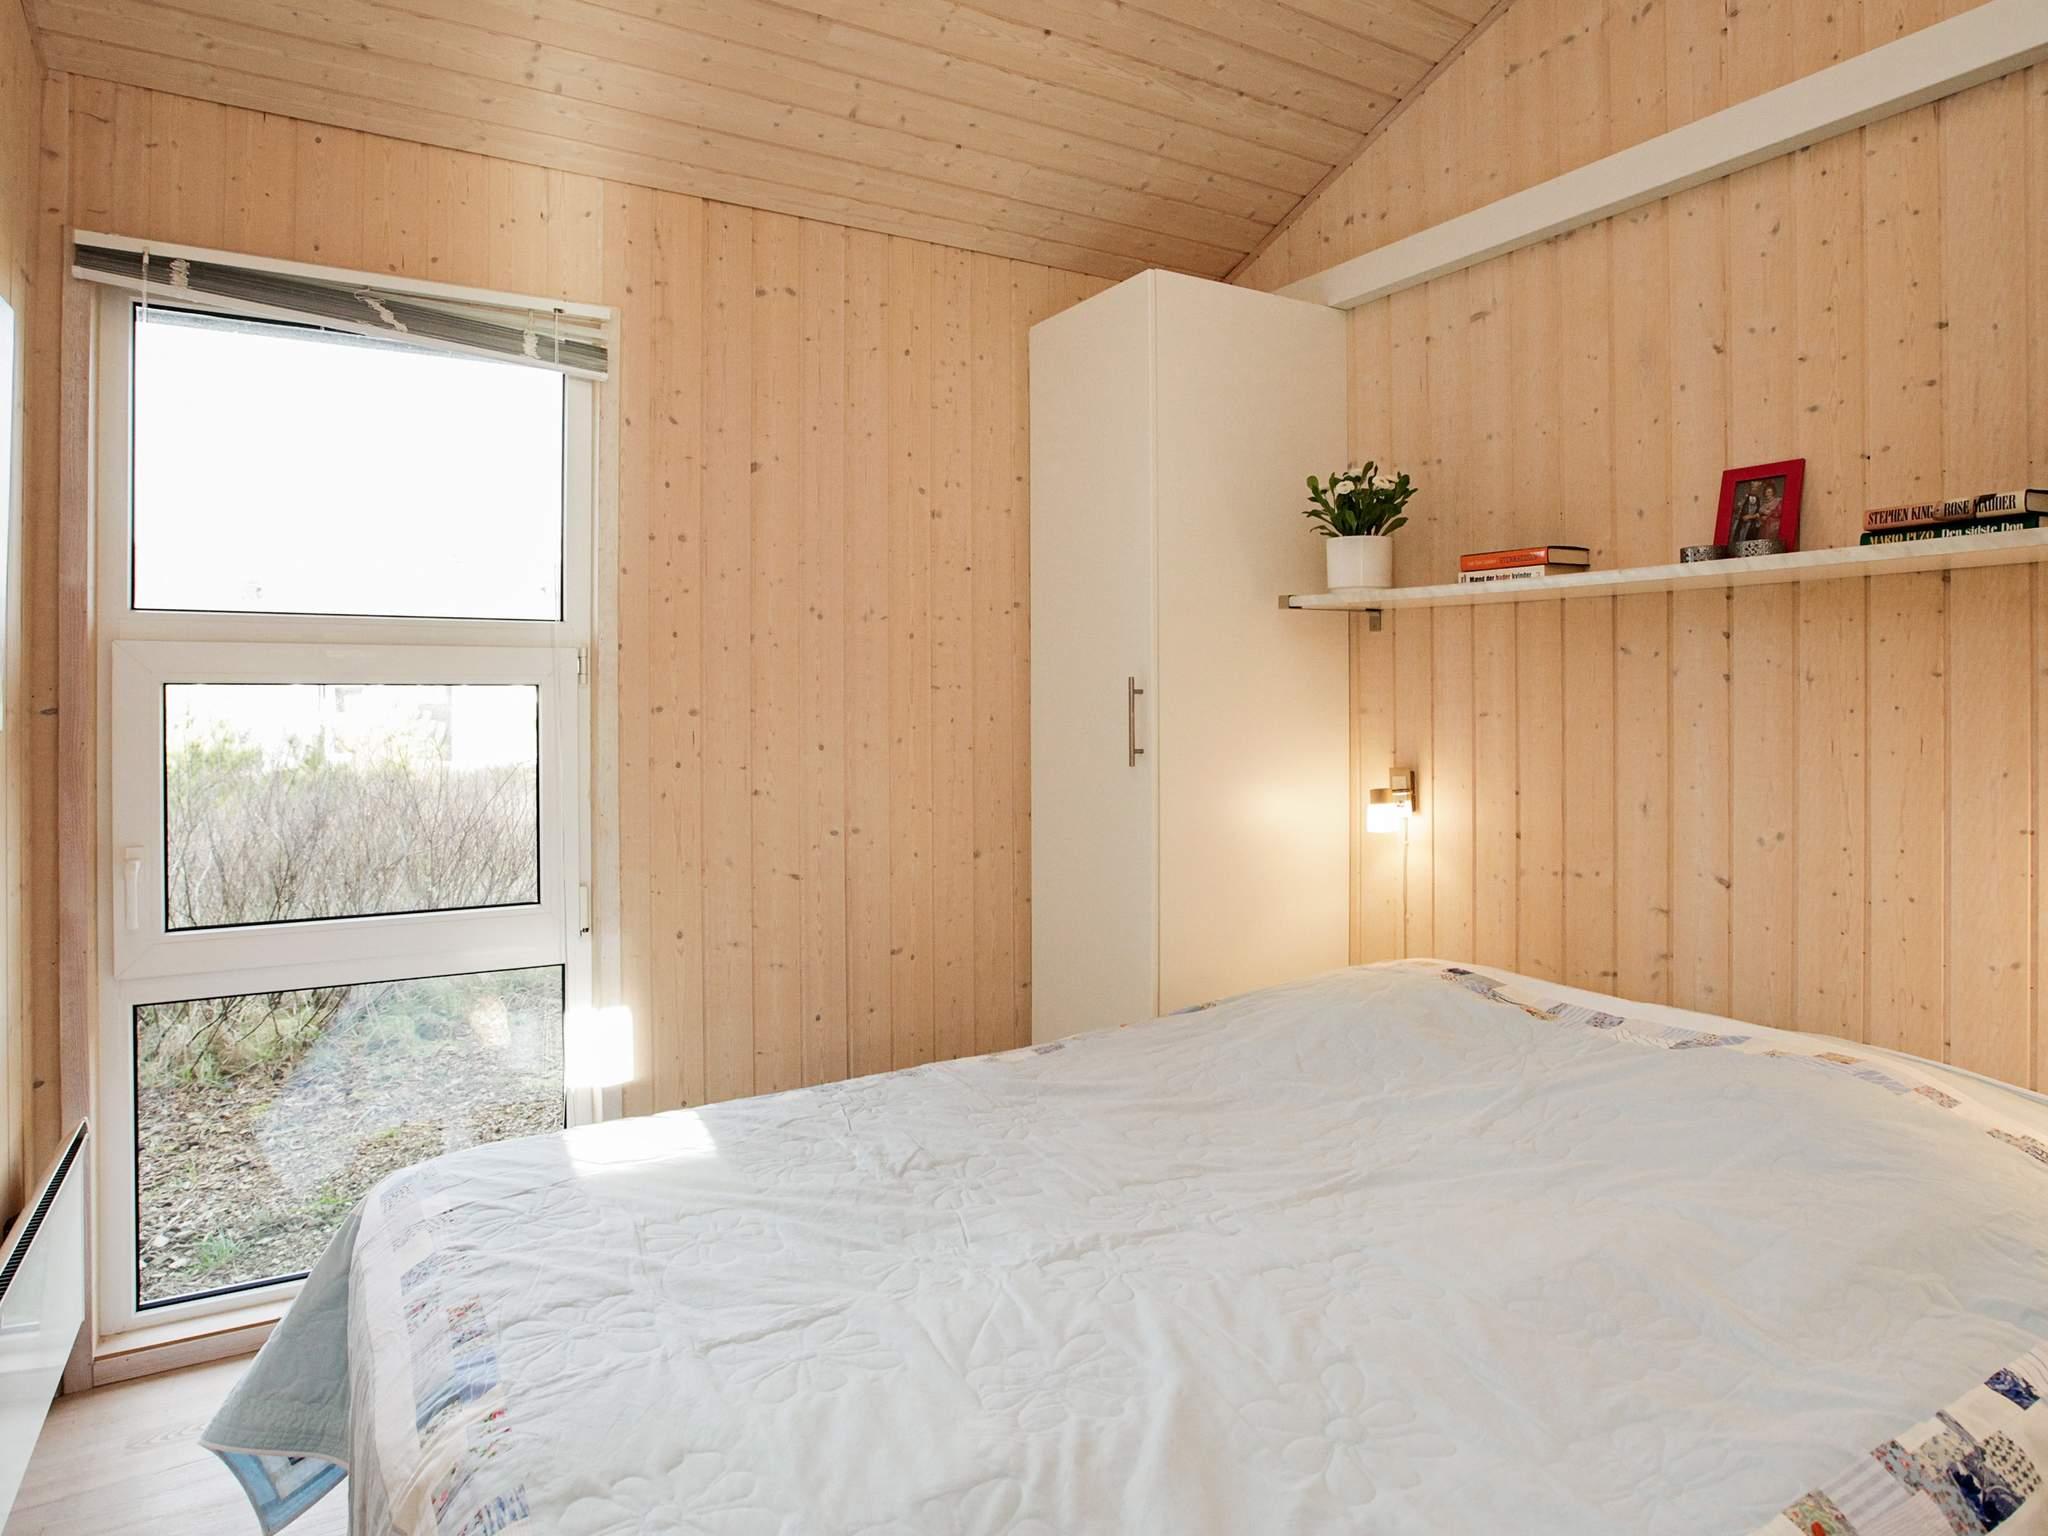 Ferienhaus Lodskovvad (405517), Lodskovvad, , Nordostjütland, Dänemark, Bild 4